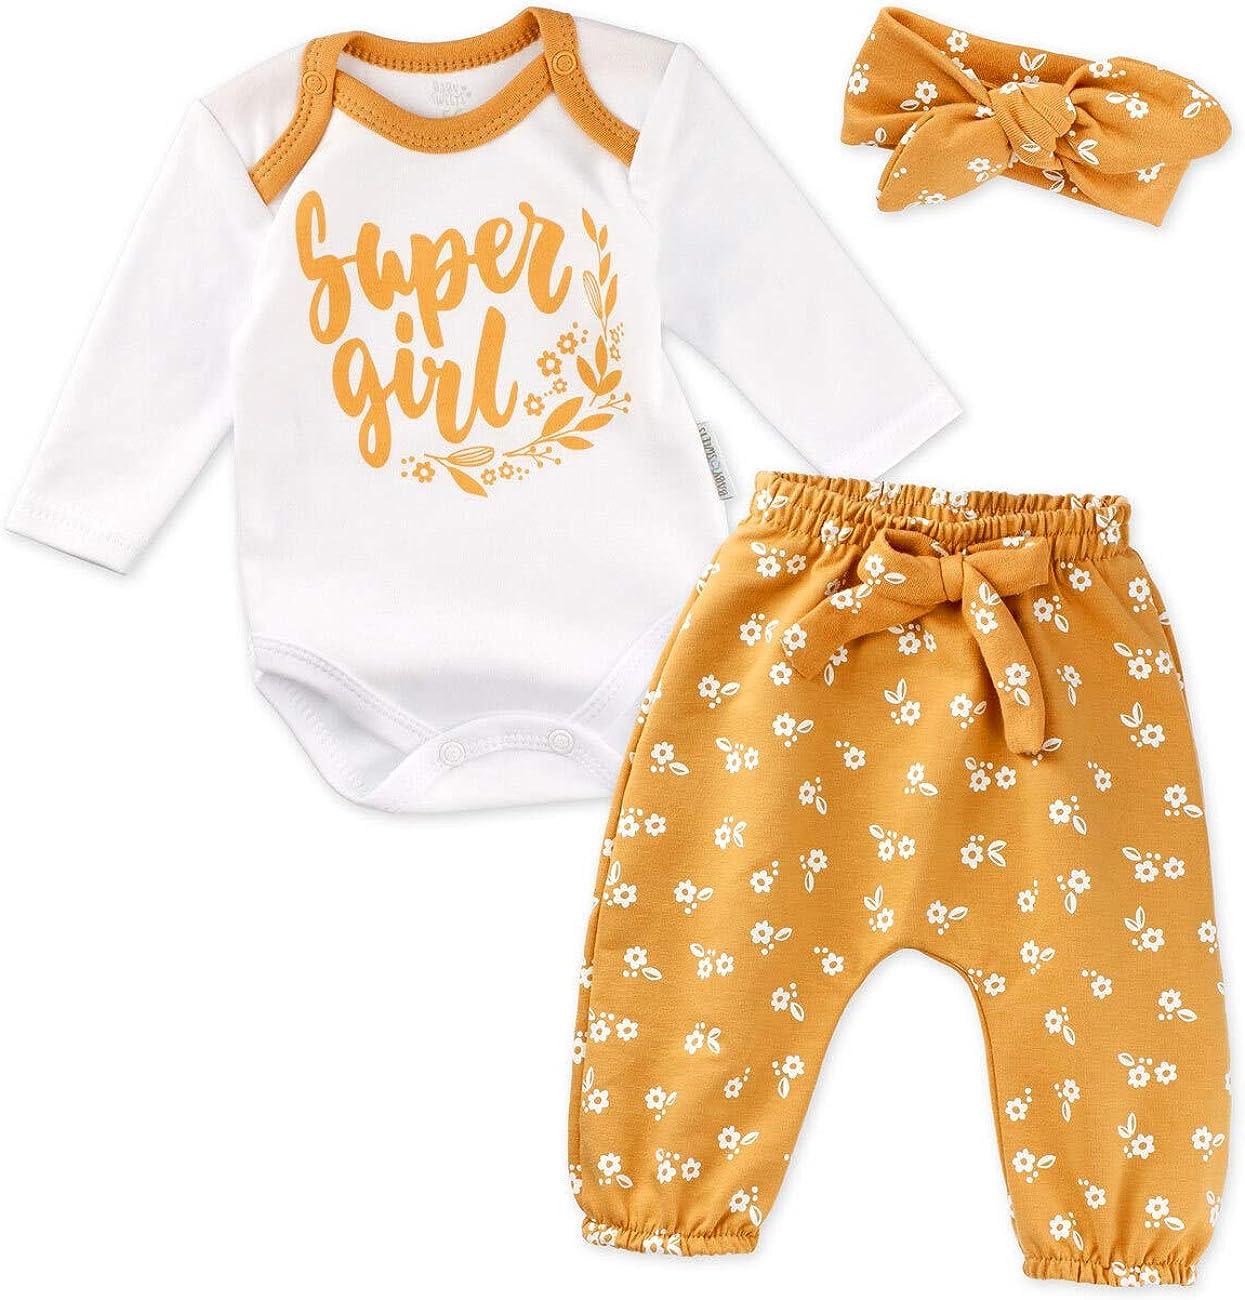 Baby Sweets 3er Baby-Erstausstattung-Set Good Girl f/ür M/ädchen mit Langarm-Body Hose und Haarband in 3 Farben als Baby-Bekleidungsset f/ür Neugeborene und Kleinkinder 0-18 Monate